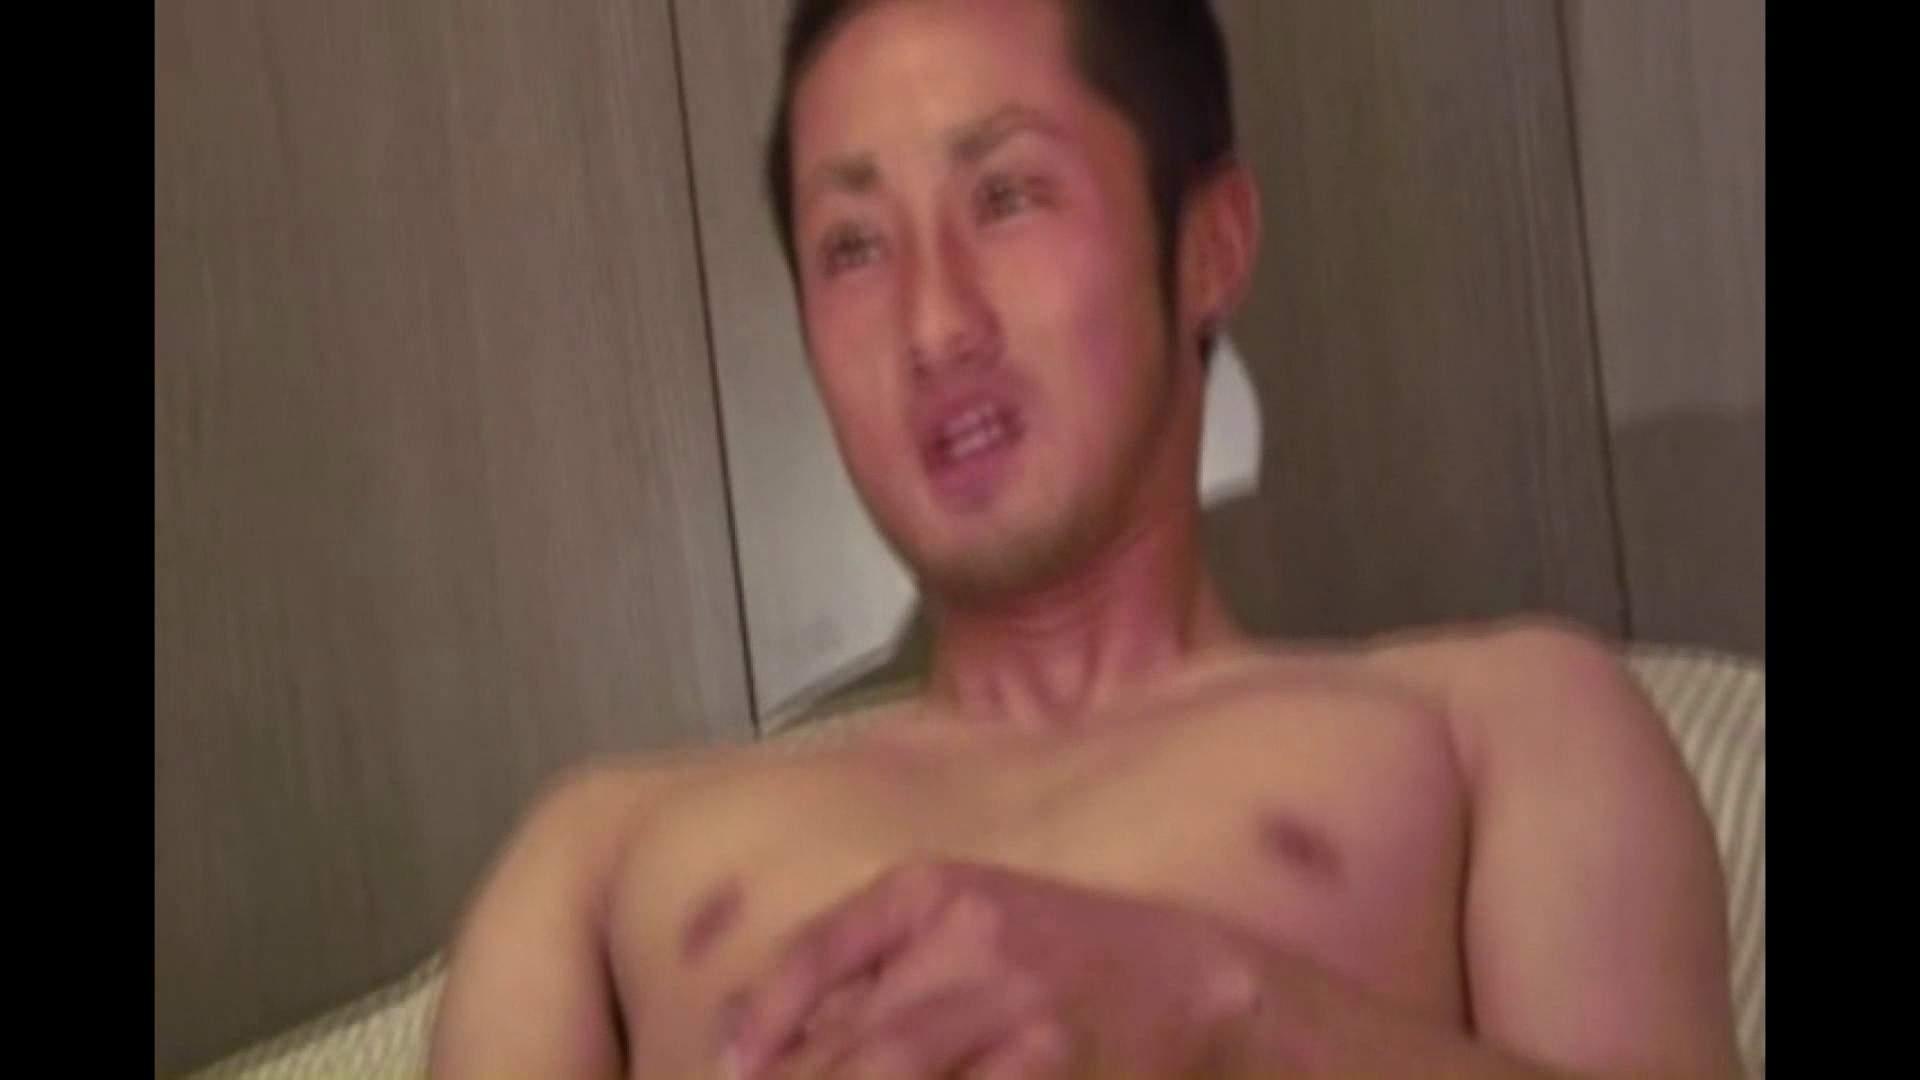 ノンケイケメンの欲望と肉棒 Vol.4 イケメン合体 | ノンケ  110連発 33